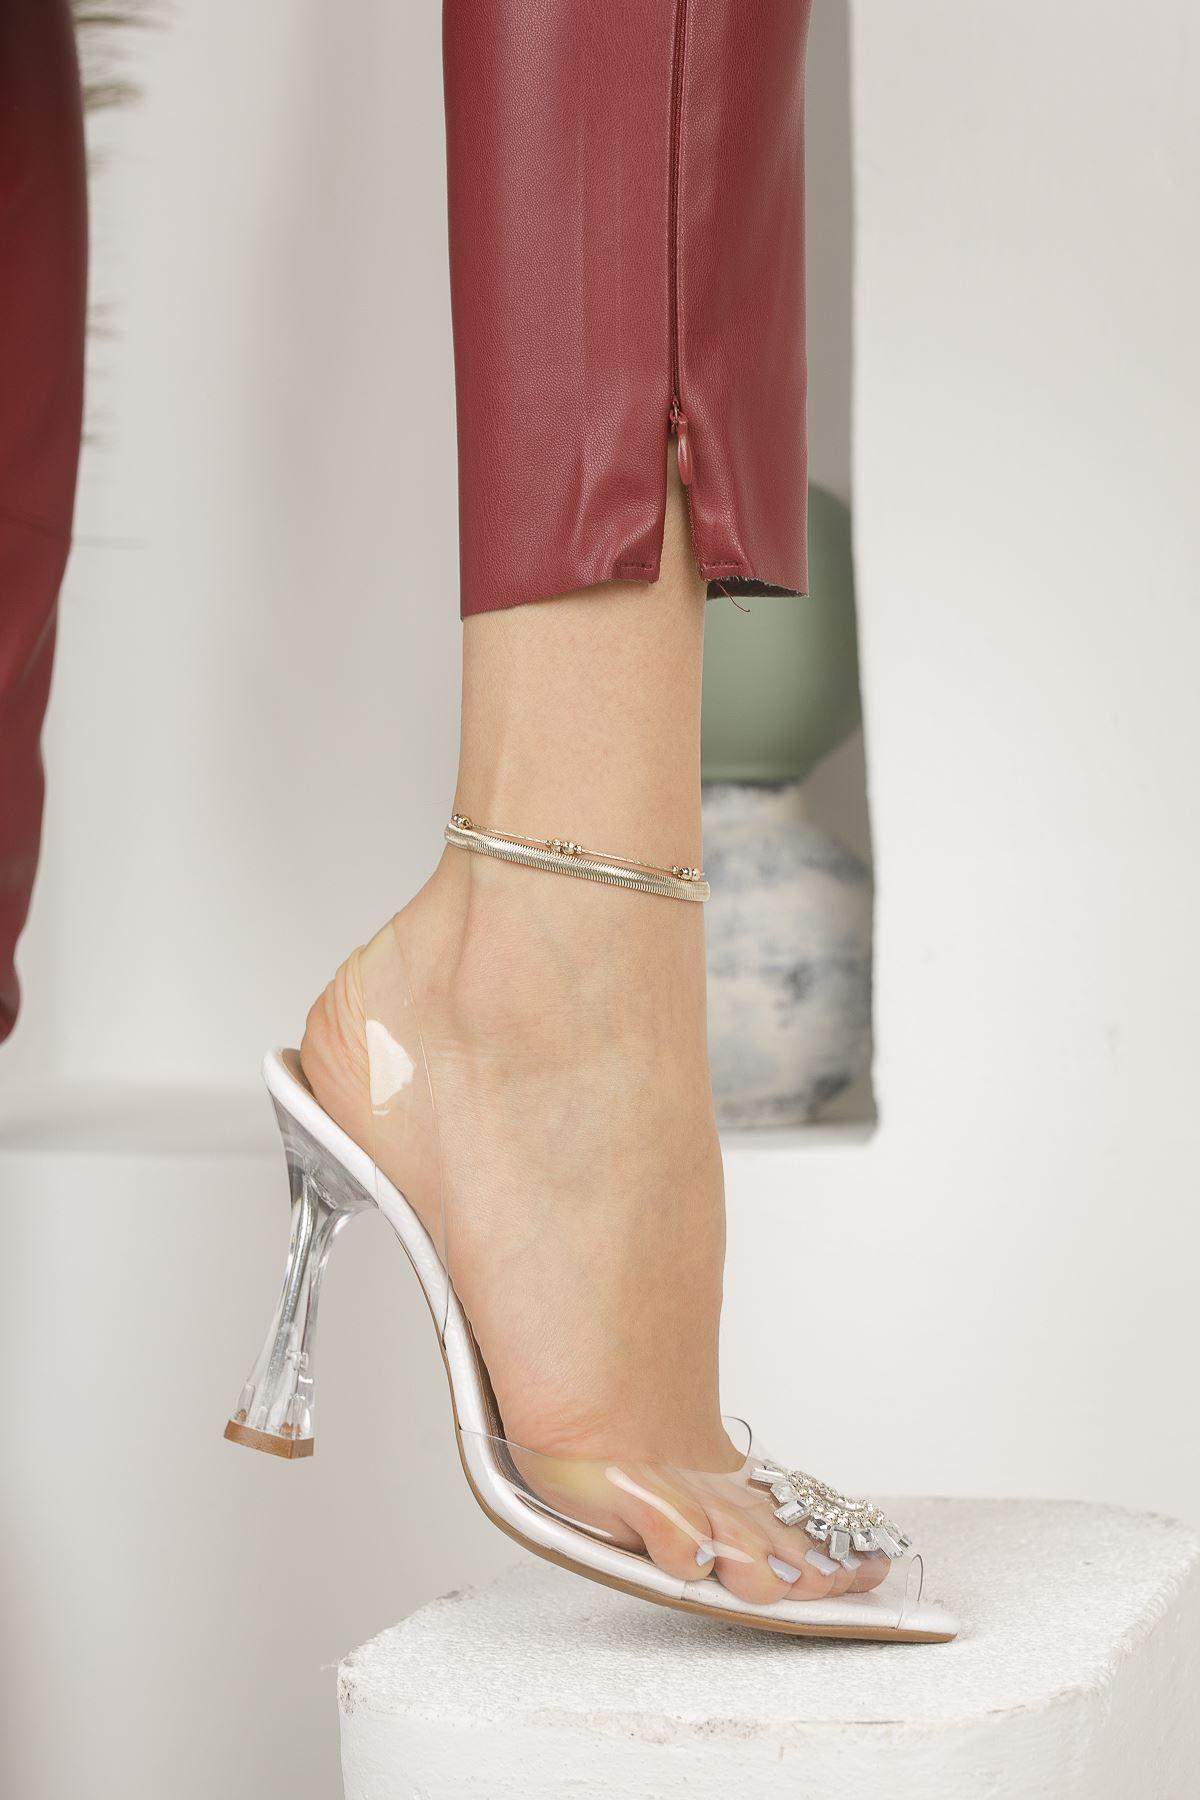 Kadın Askar Beyaz Şeffaf Deri Kristal Taş Detaylı Yüksek Topuklu Şeffaf  Ayakkabı